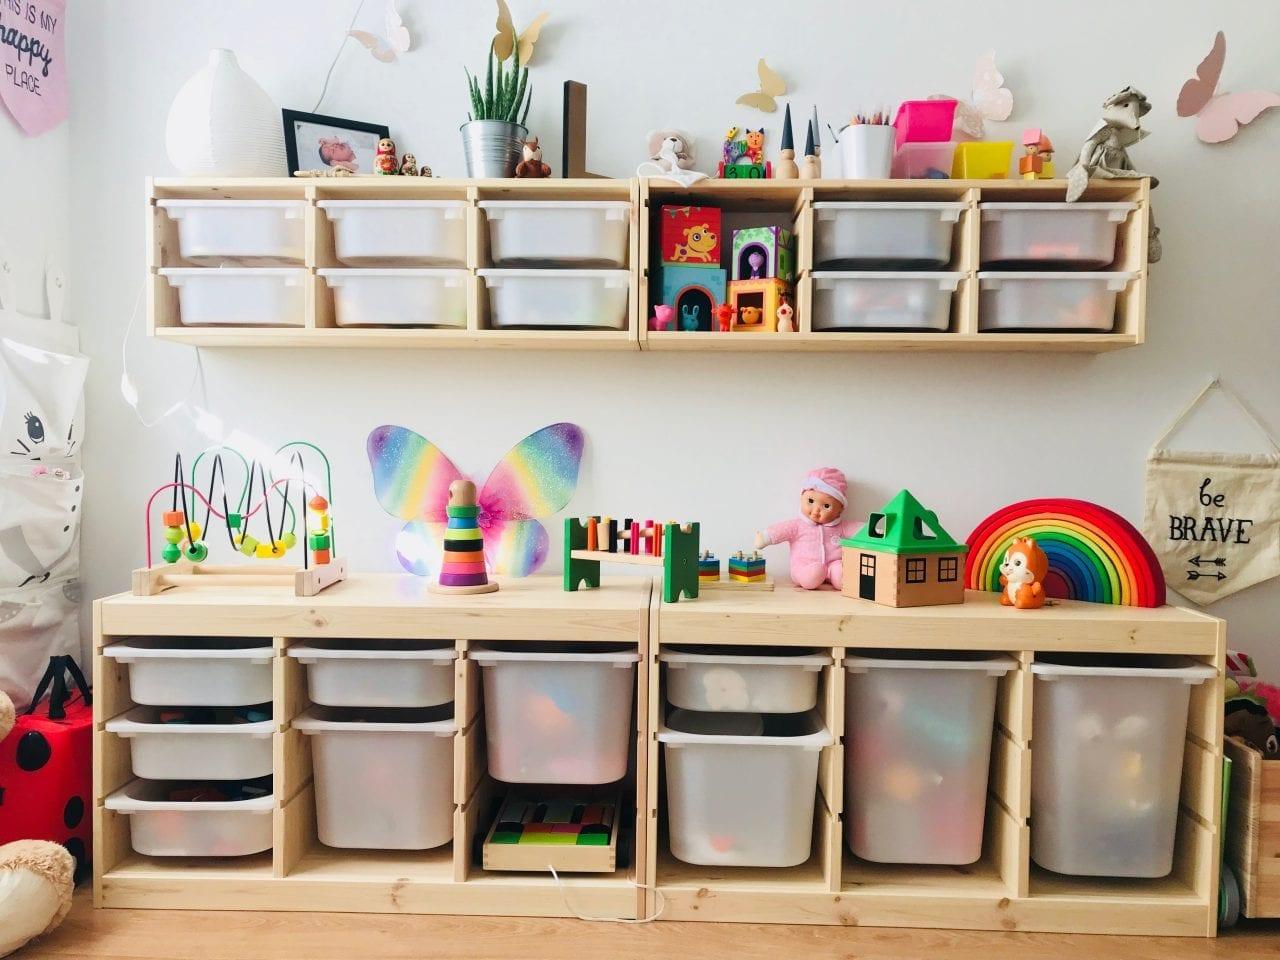 O Arm Rio Para Guardar Brinquedos De Laura ~ Organizando O Quarto De Brinquedos